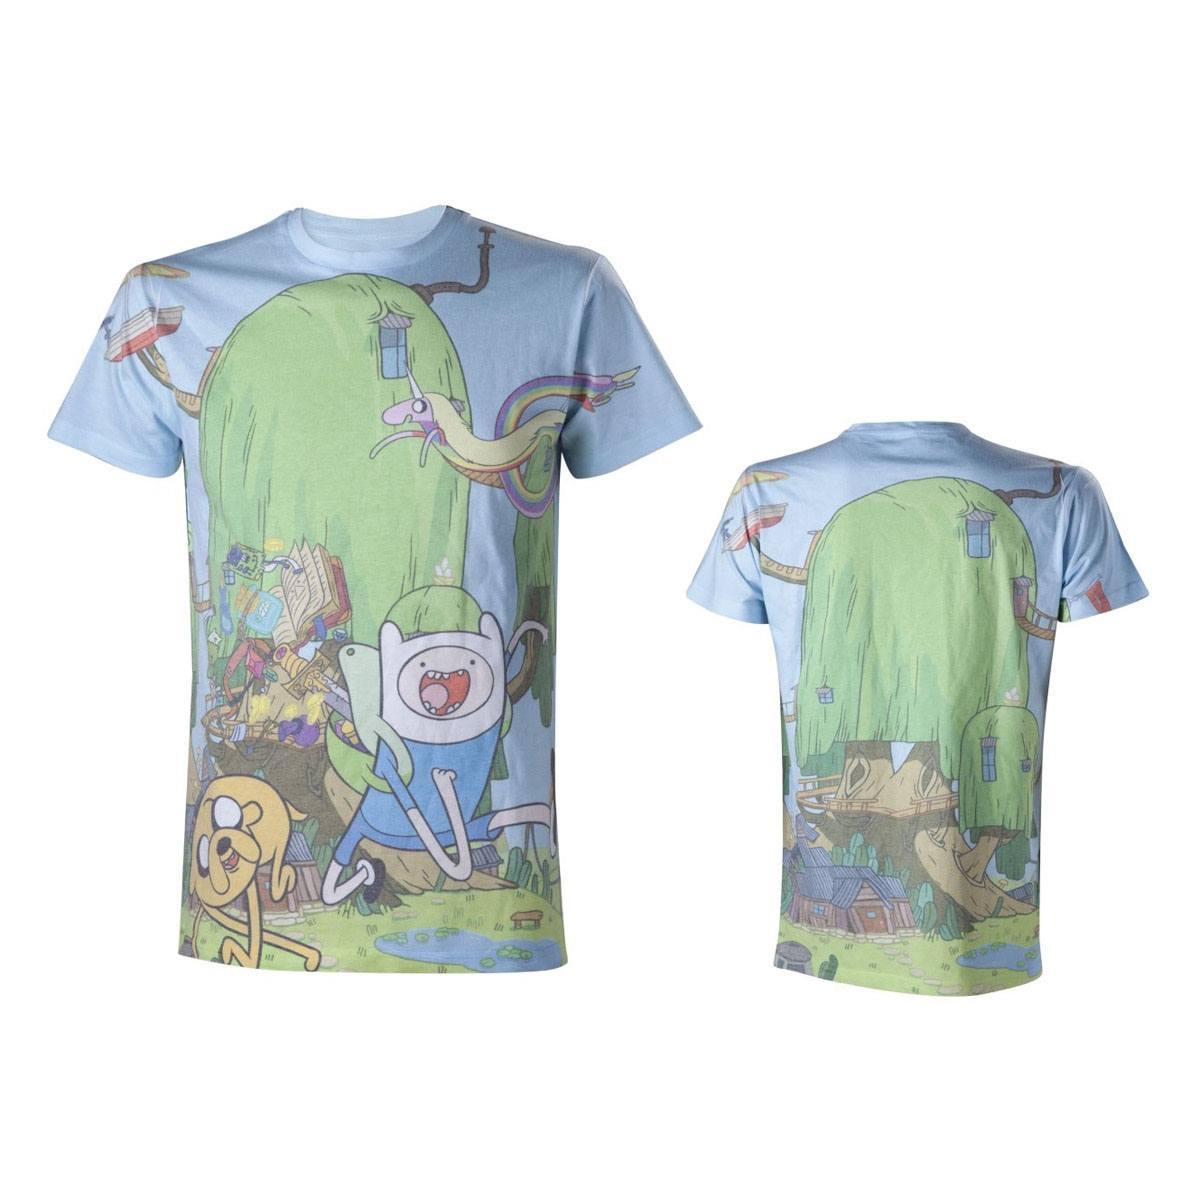 Adventure Time T-Shirt Sublimation Size M